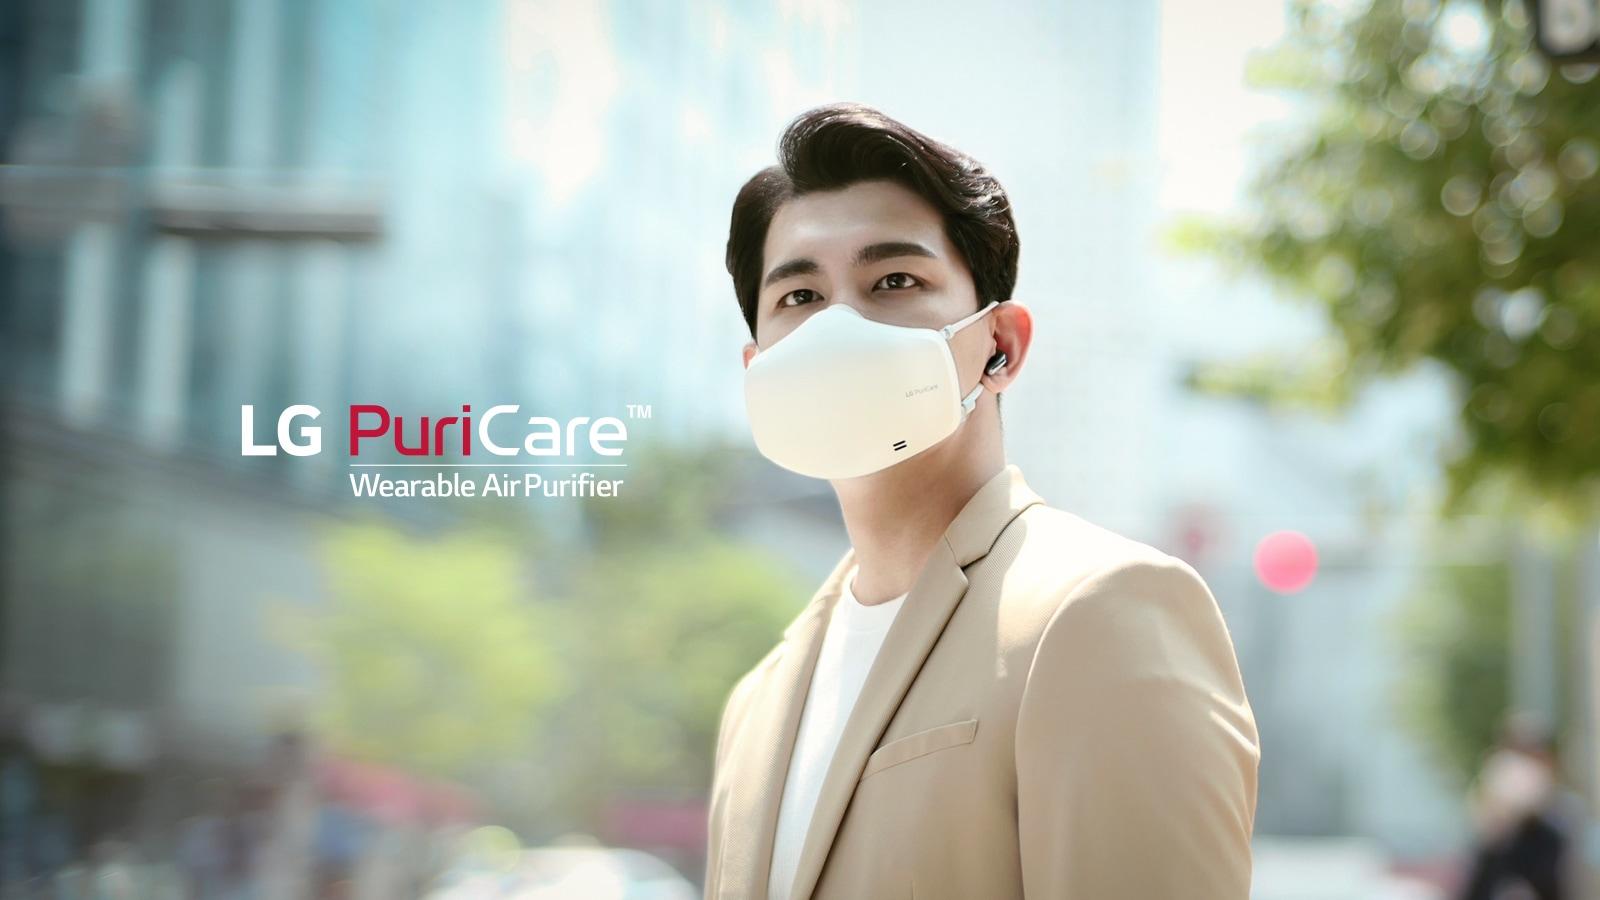 Seorang pria berdiri di tengah sebuah pusat kota dengan menggunakan LG PuriCare wearable Air Purifier yang menyala, memperhatikan sekeliling dengan latar belakang sebuah kota tampak blur